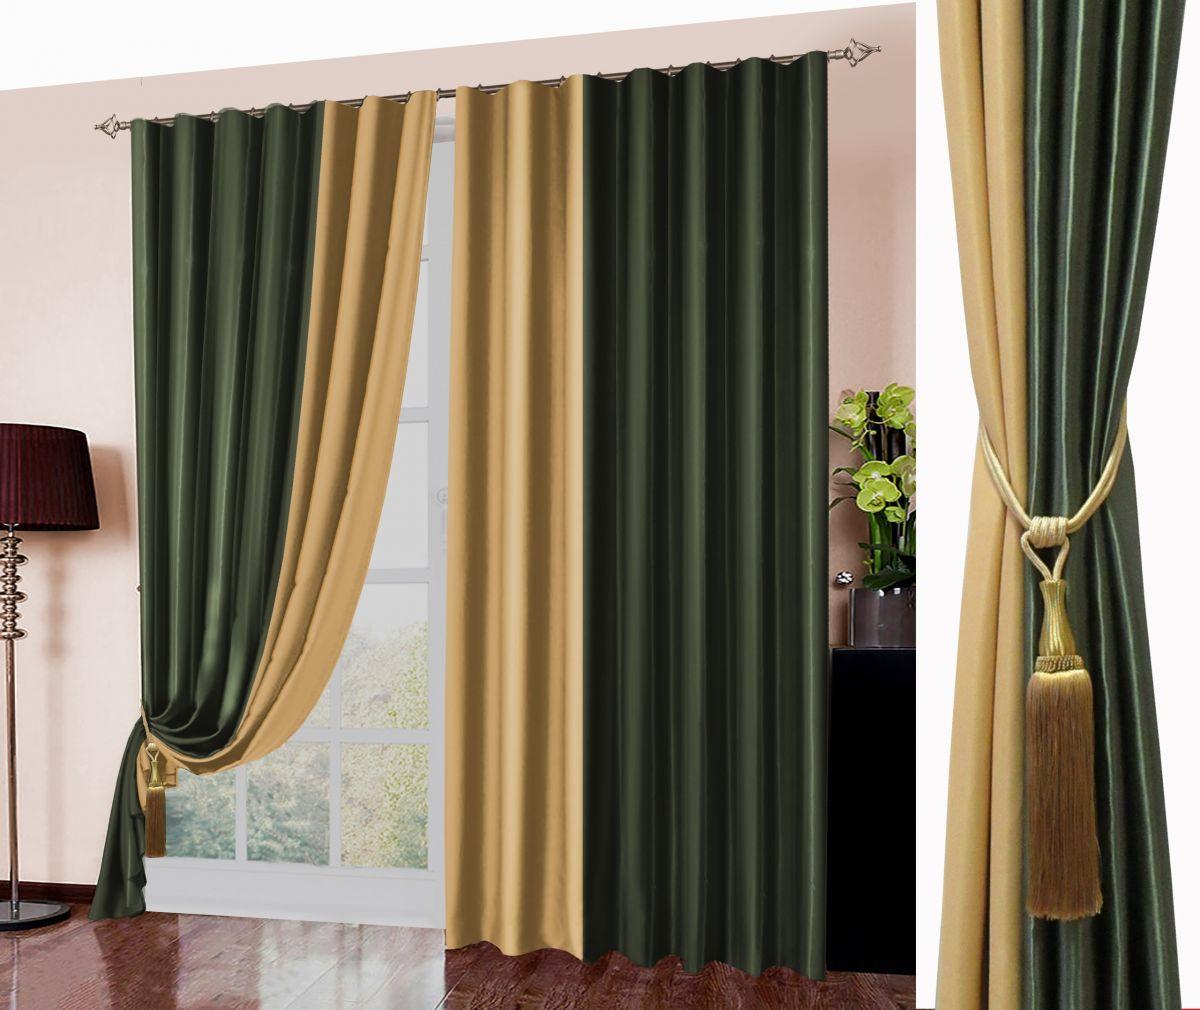 Комплект штор № 026, (270*180)х2, Блэк-аут(комбинированный) зеленый+желтый